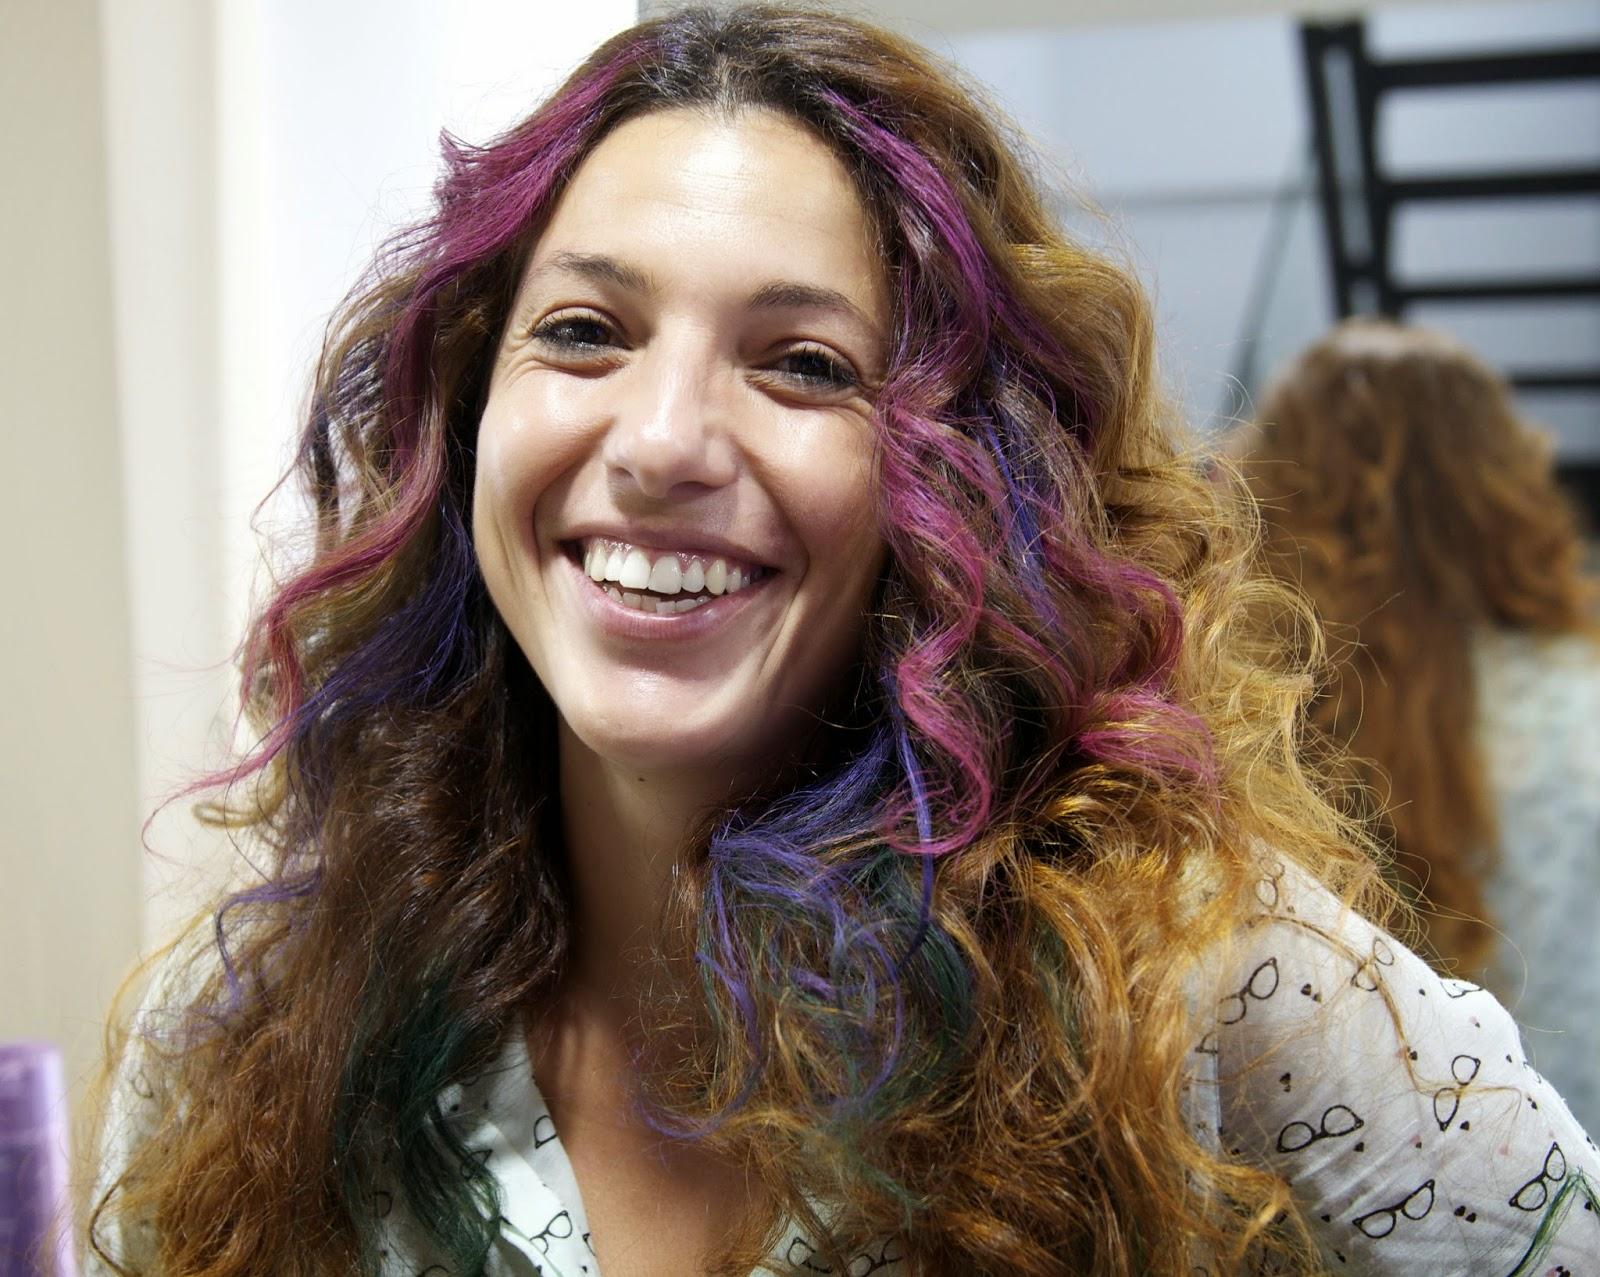 pelo de colores